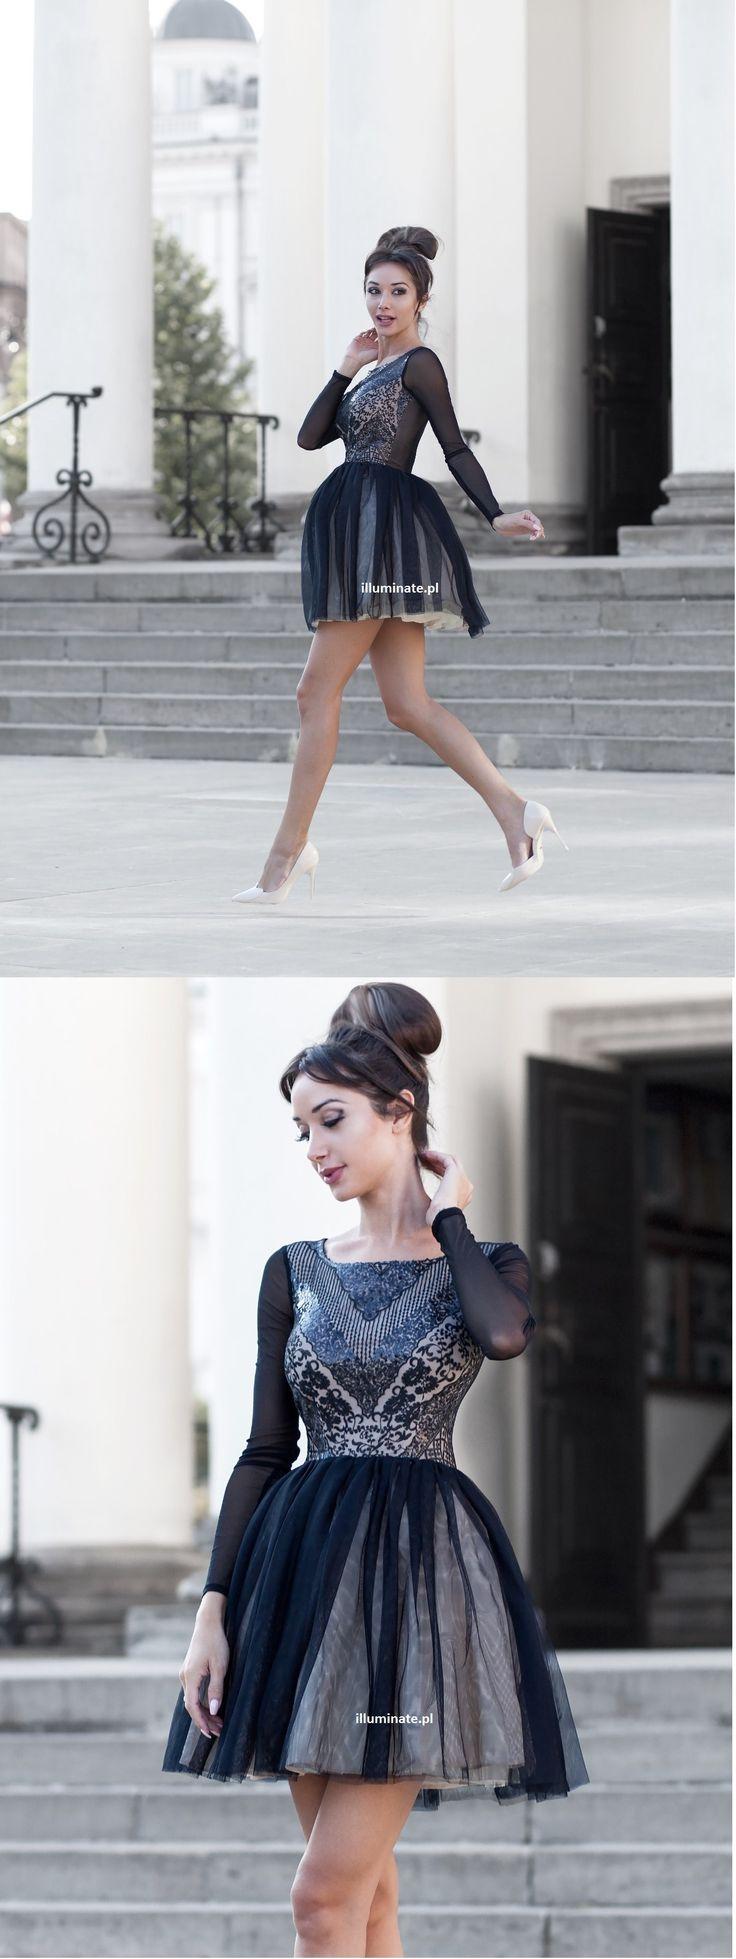 Tiulowa czarna cielista sukienka z długim rękawem.  Tulle dress with long sleeve  Made in Poland. 349zł